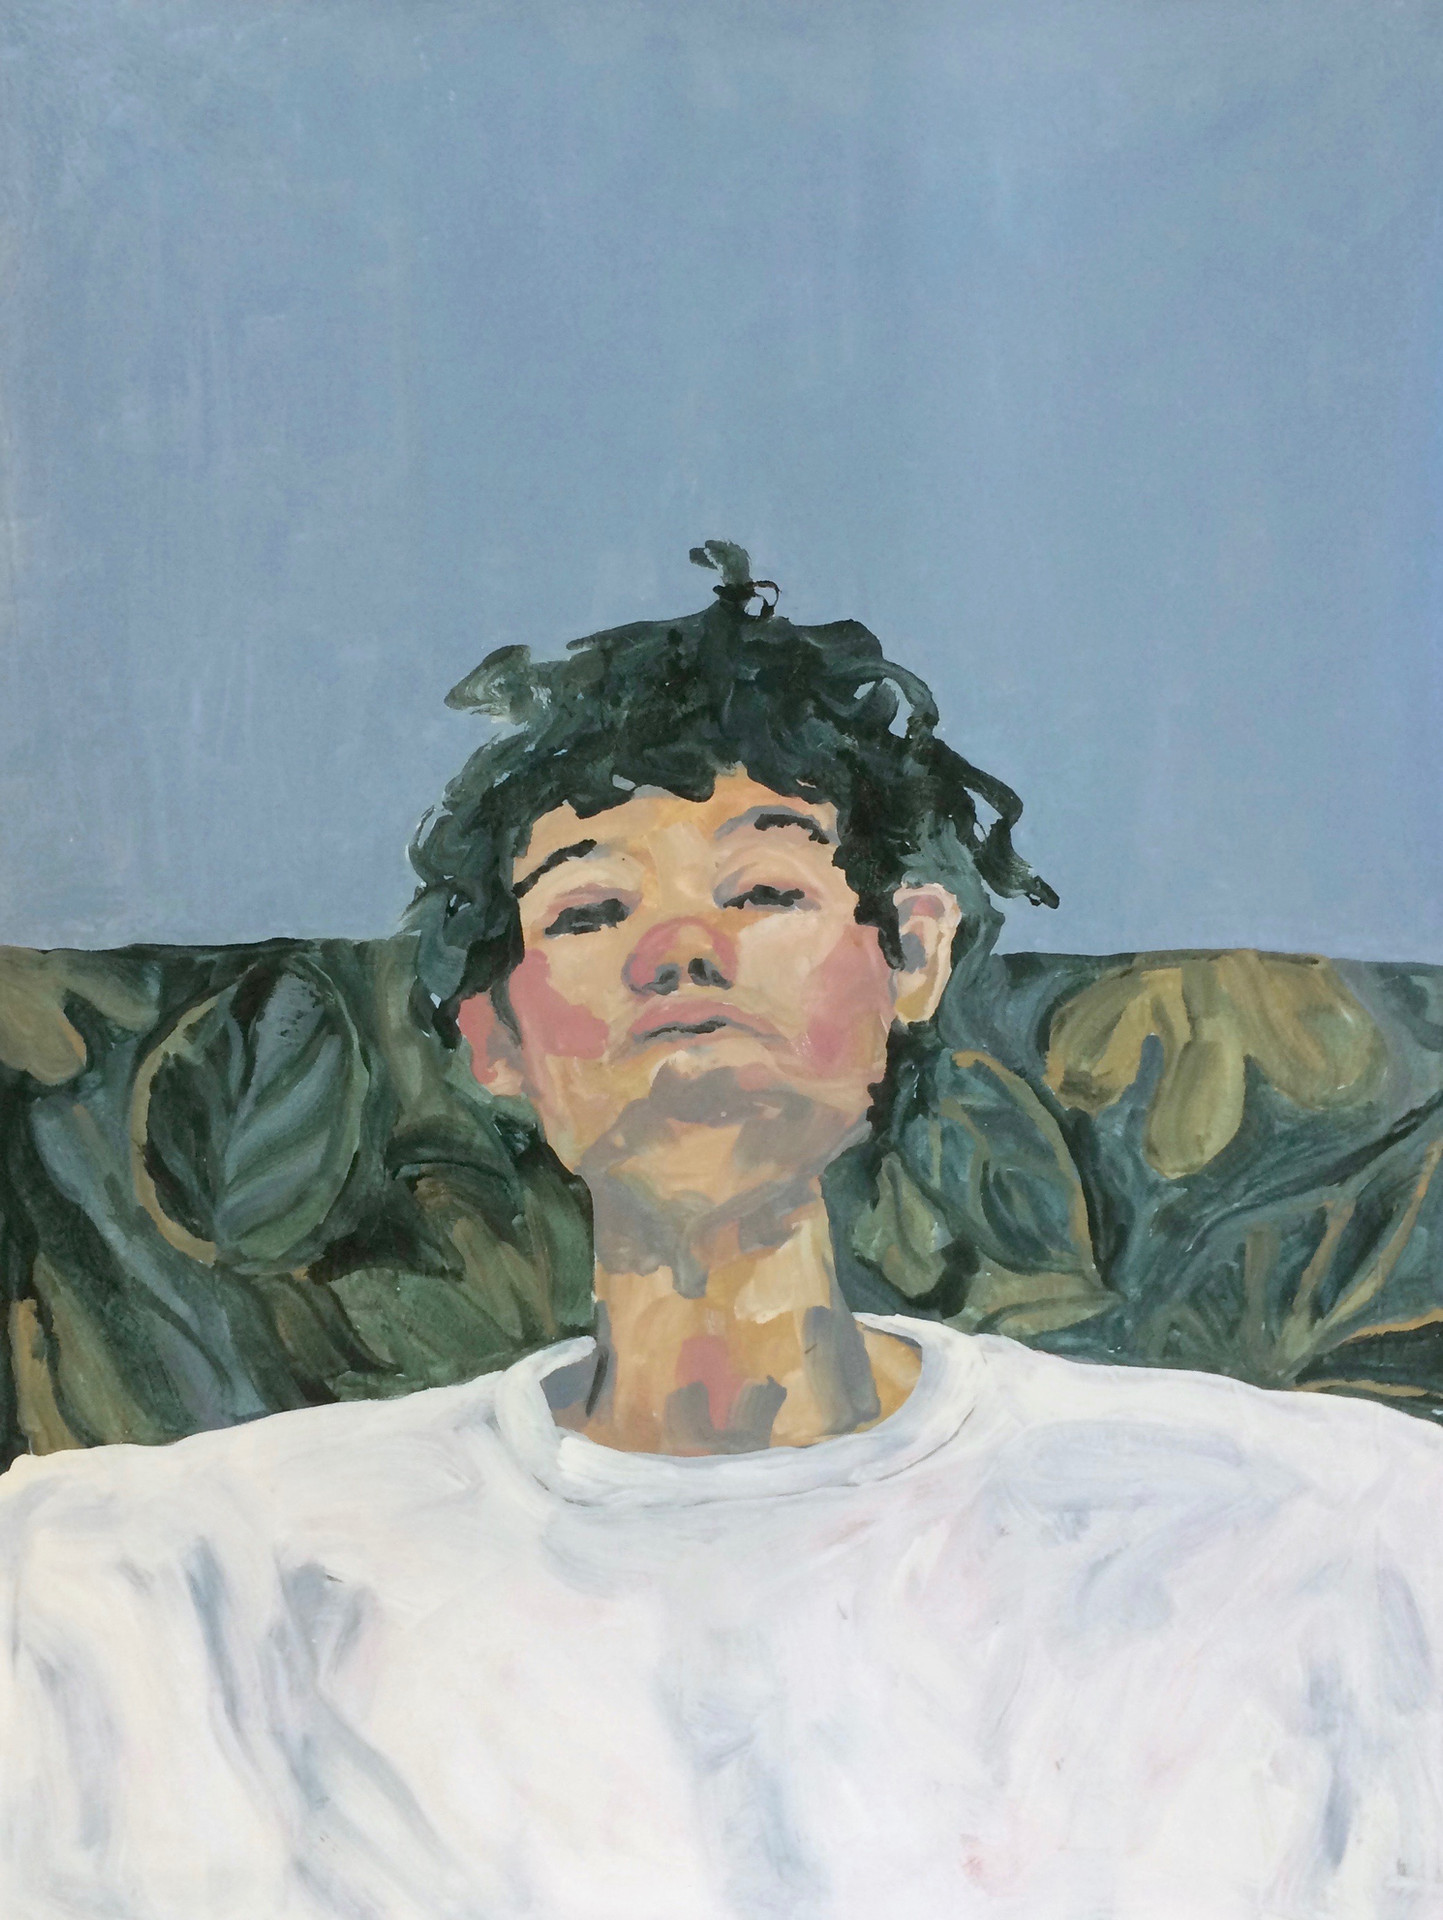 Självporträtt, 180x130 cm, tempera och akryl på bomullsduk, 2017